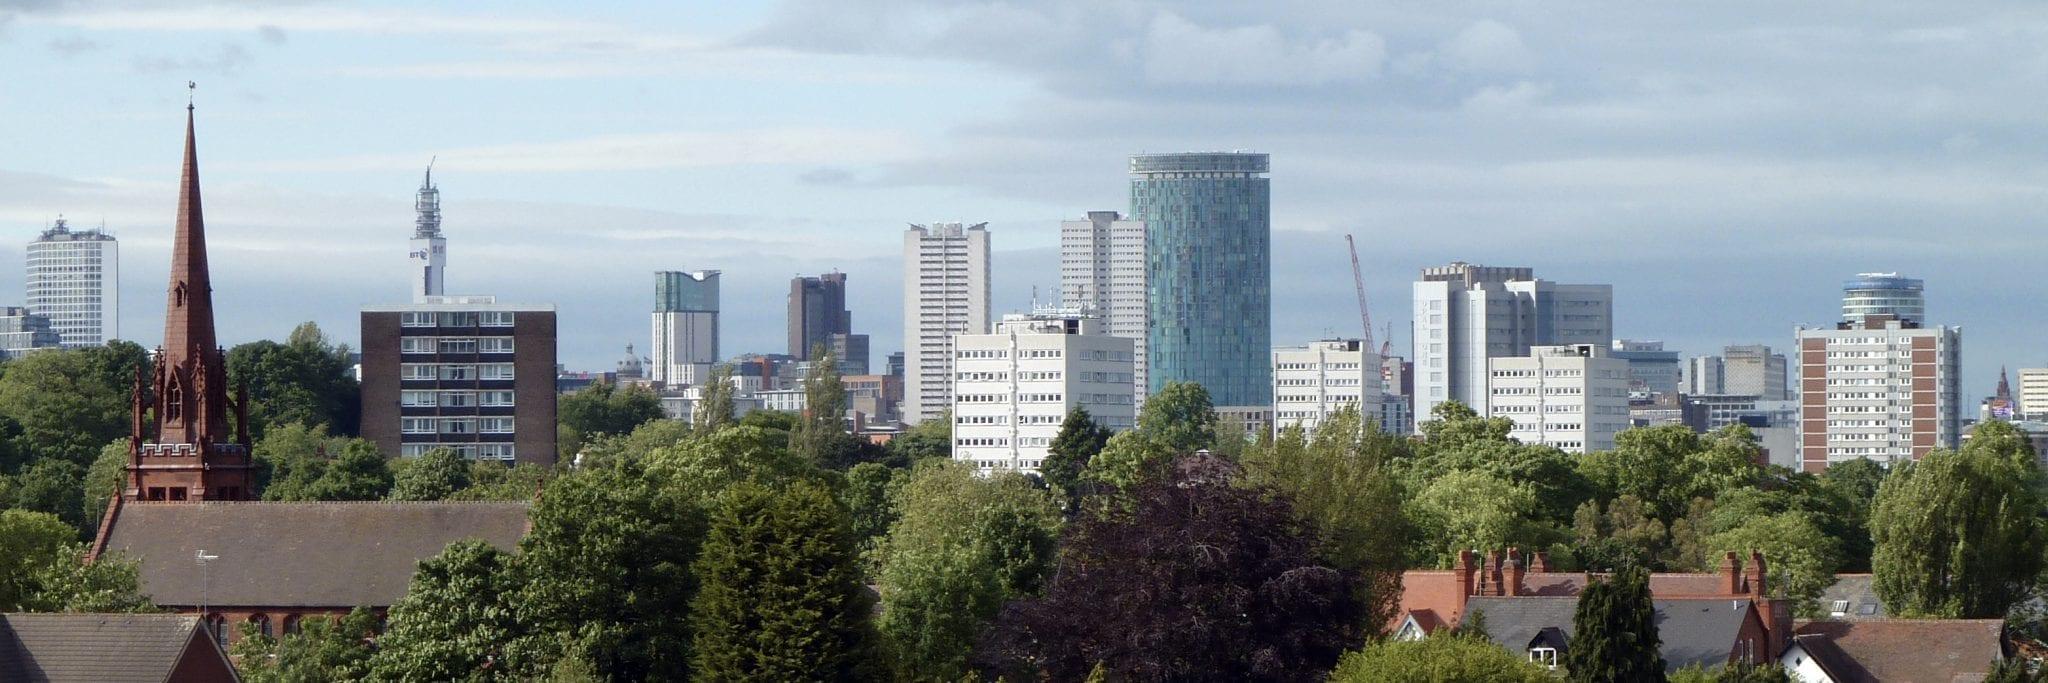 Skyline de la ciudad de Birmingham desde Edgbaston